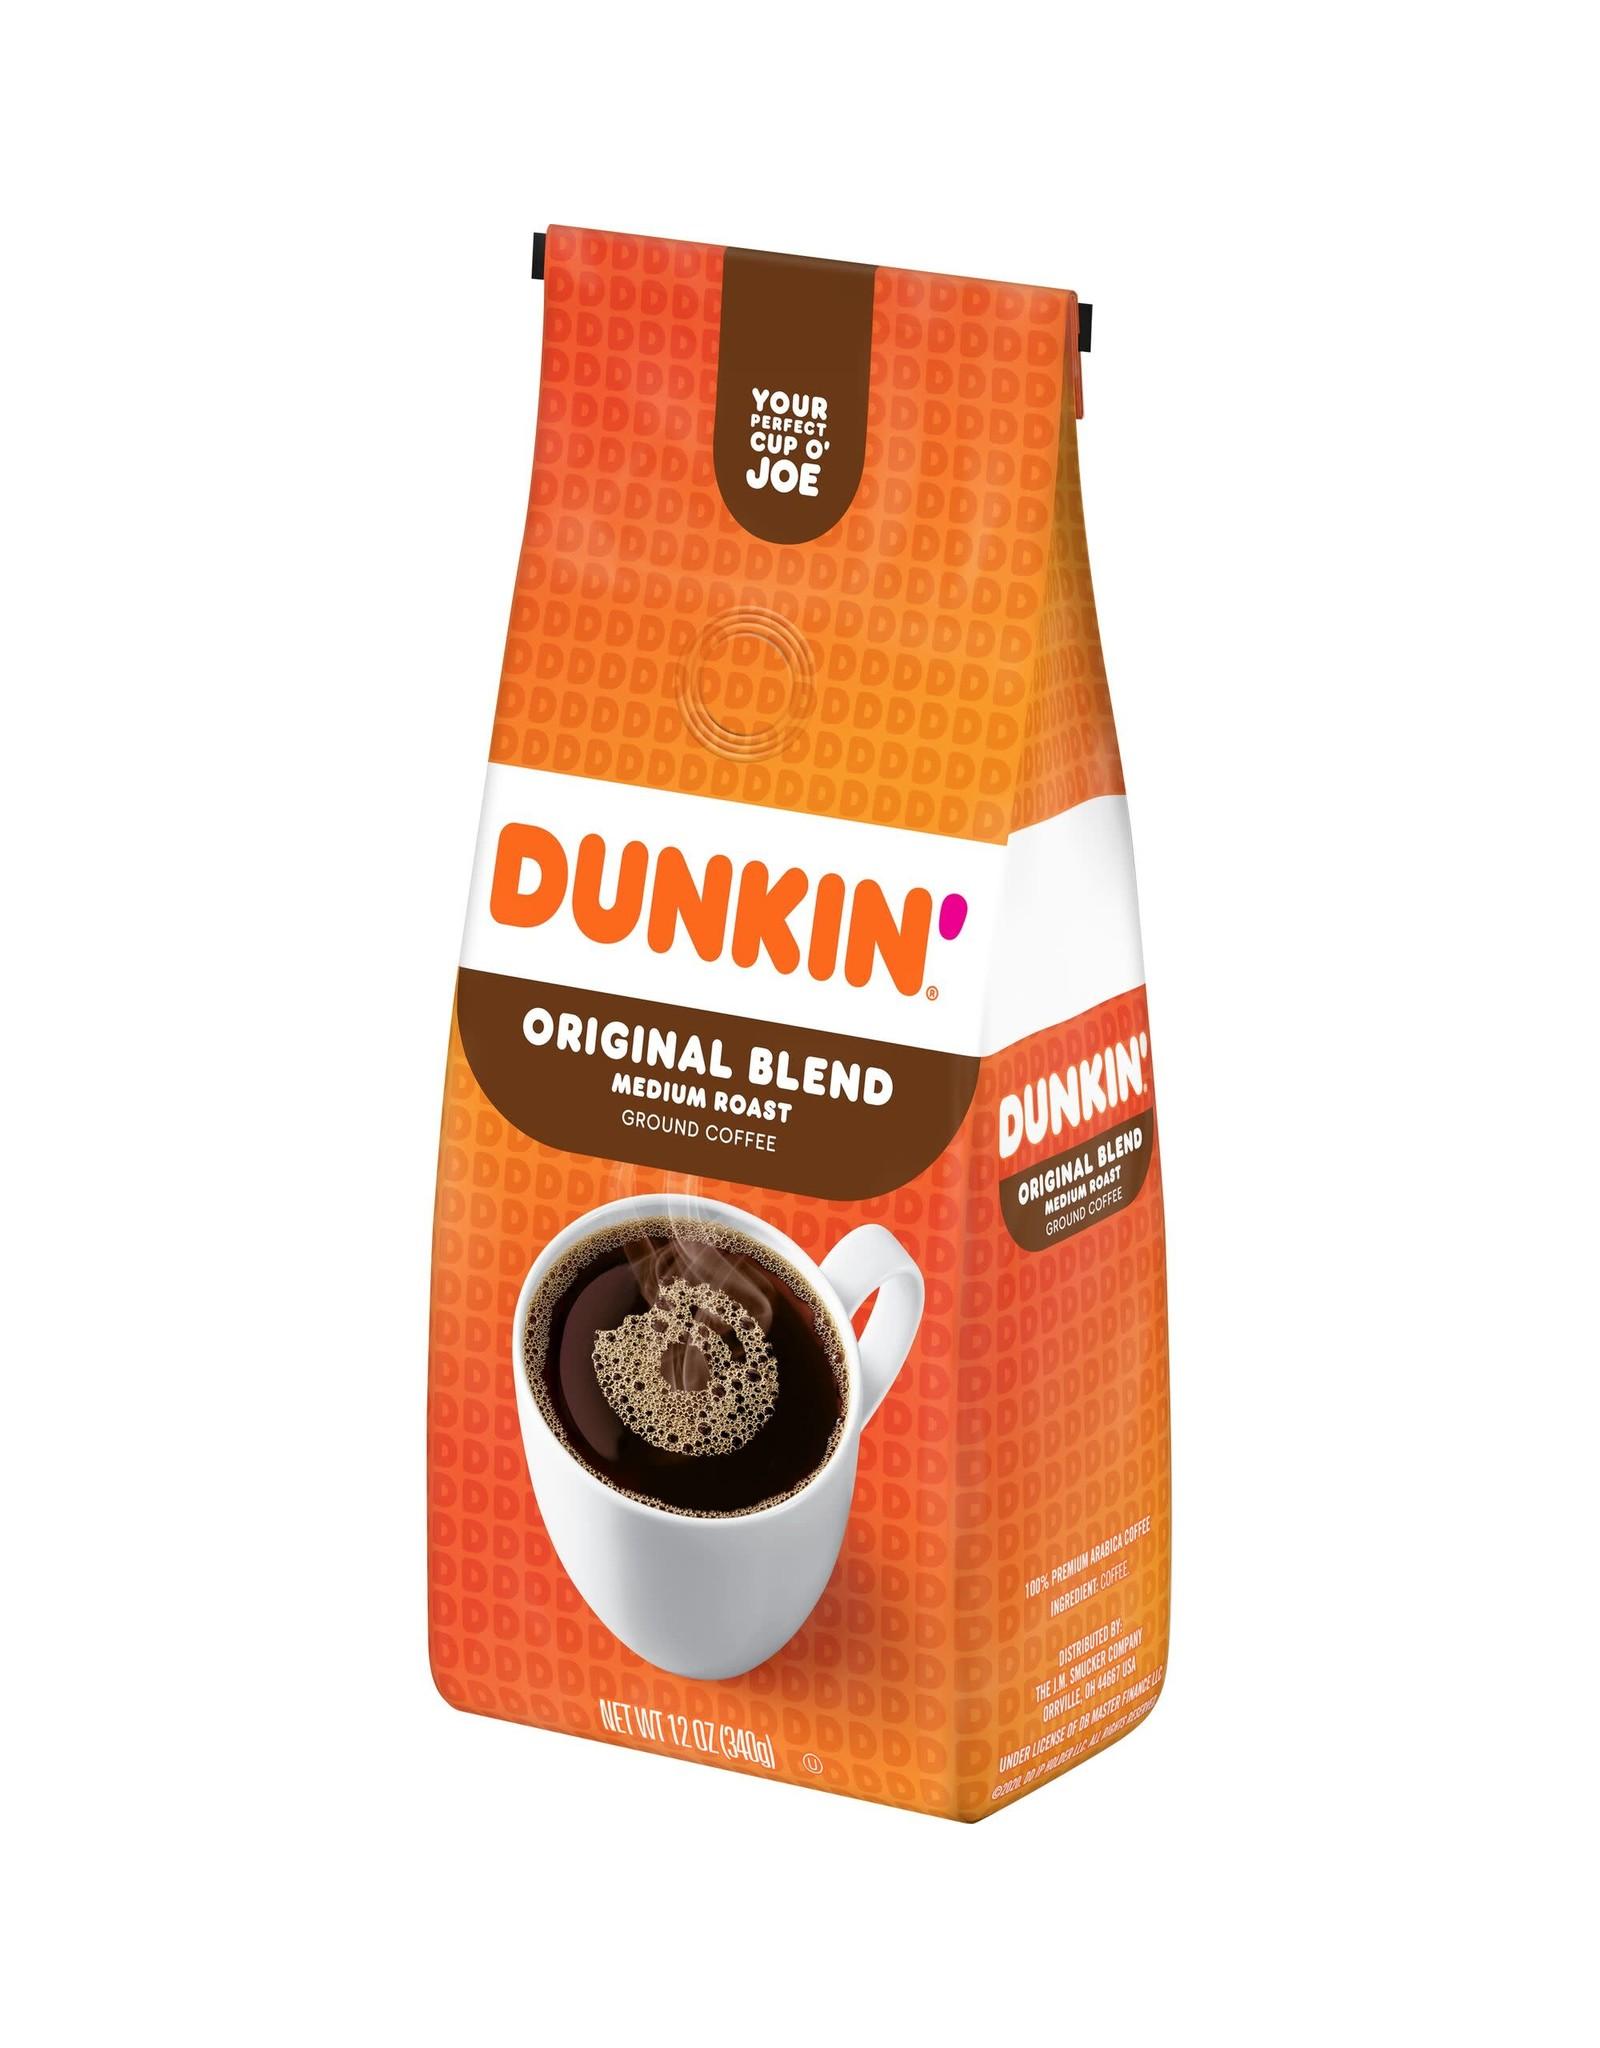 Dunkin Donuts Original Blend Ground Coffee - 340g